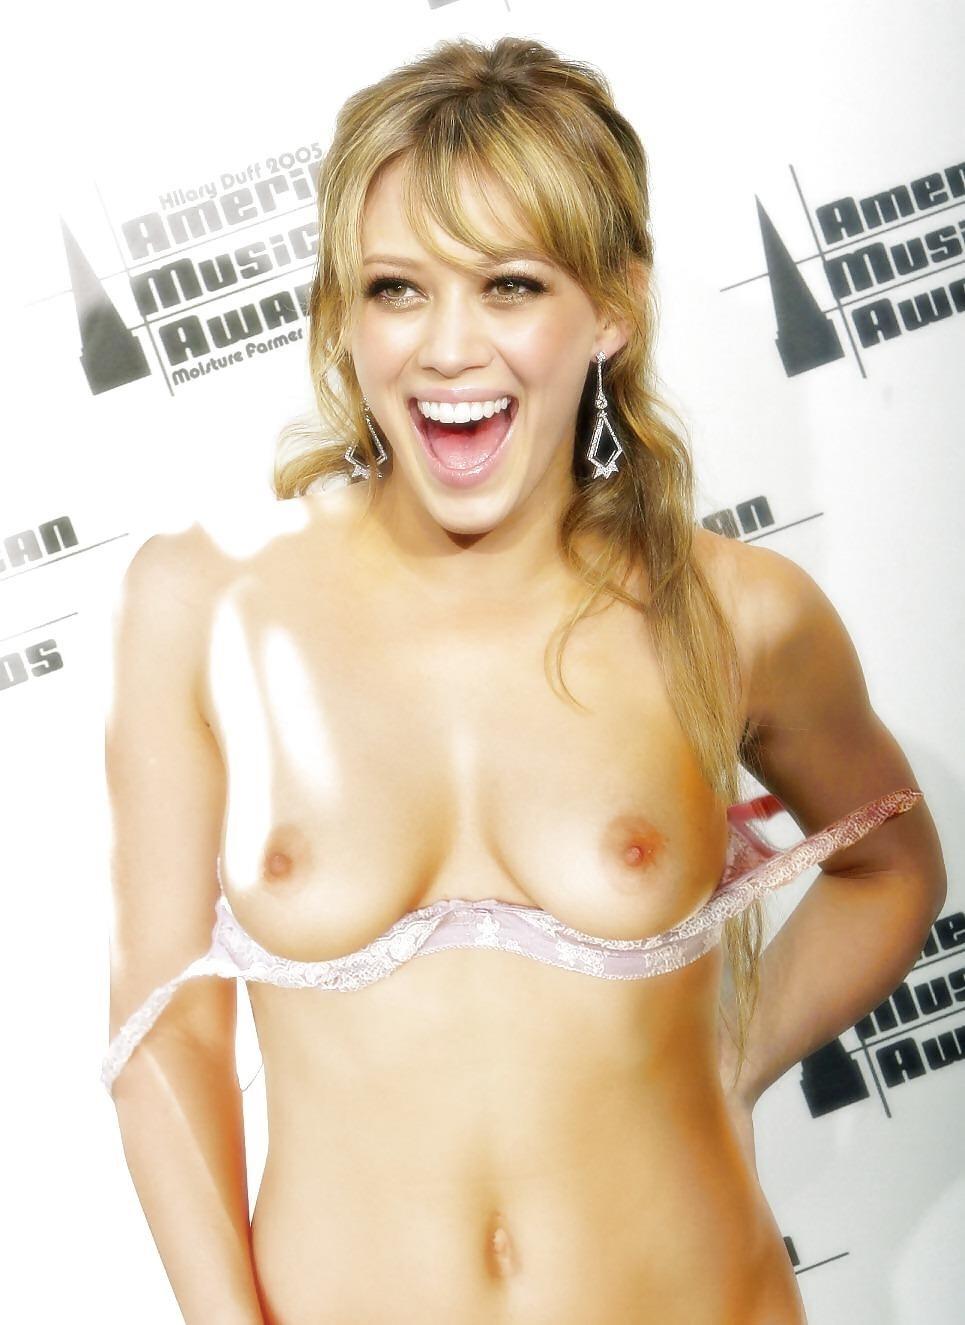 Hilary duff nude pics-3955